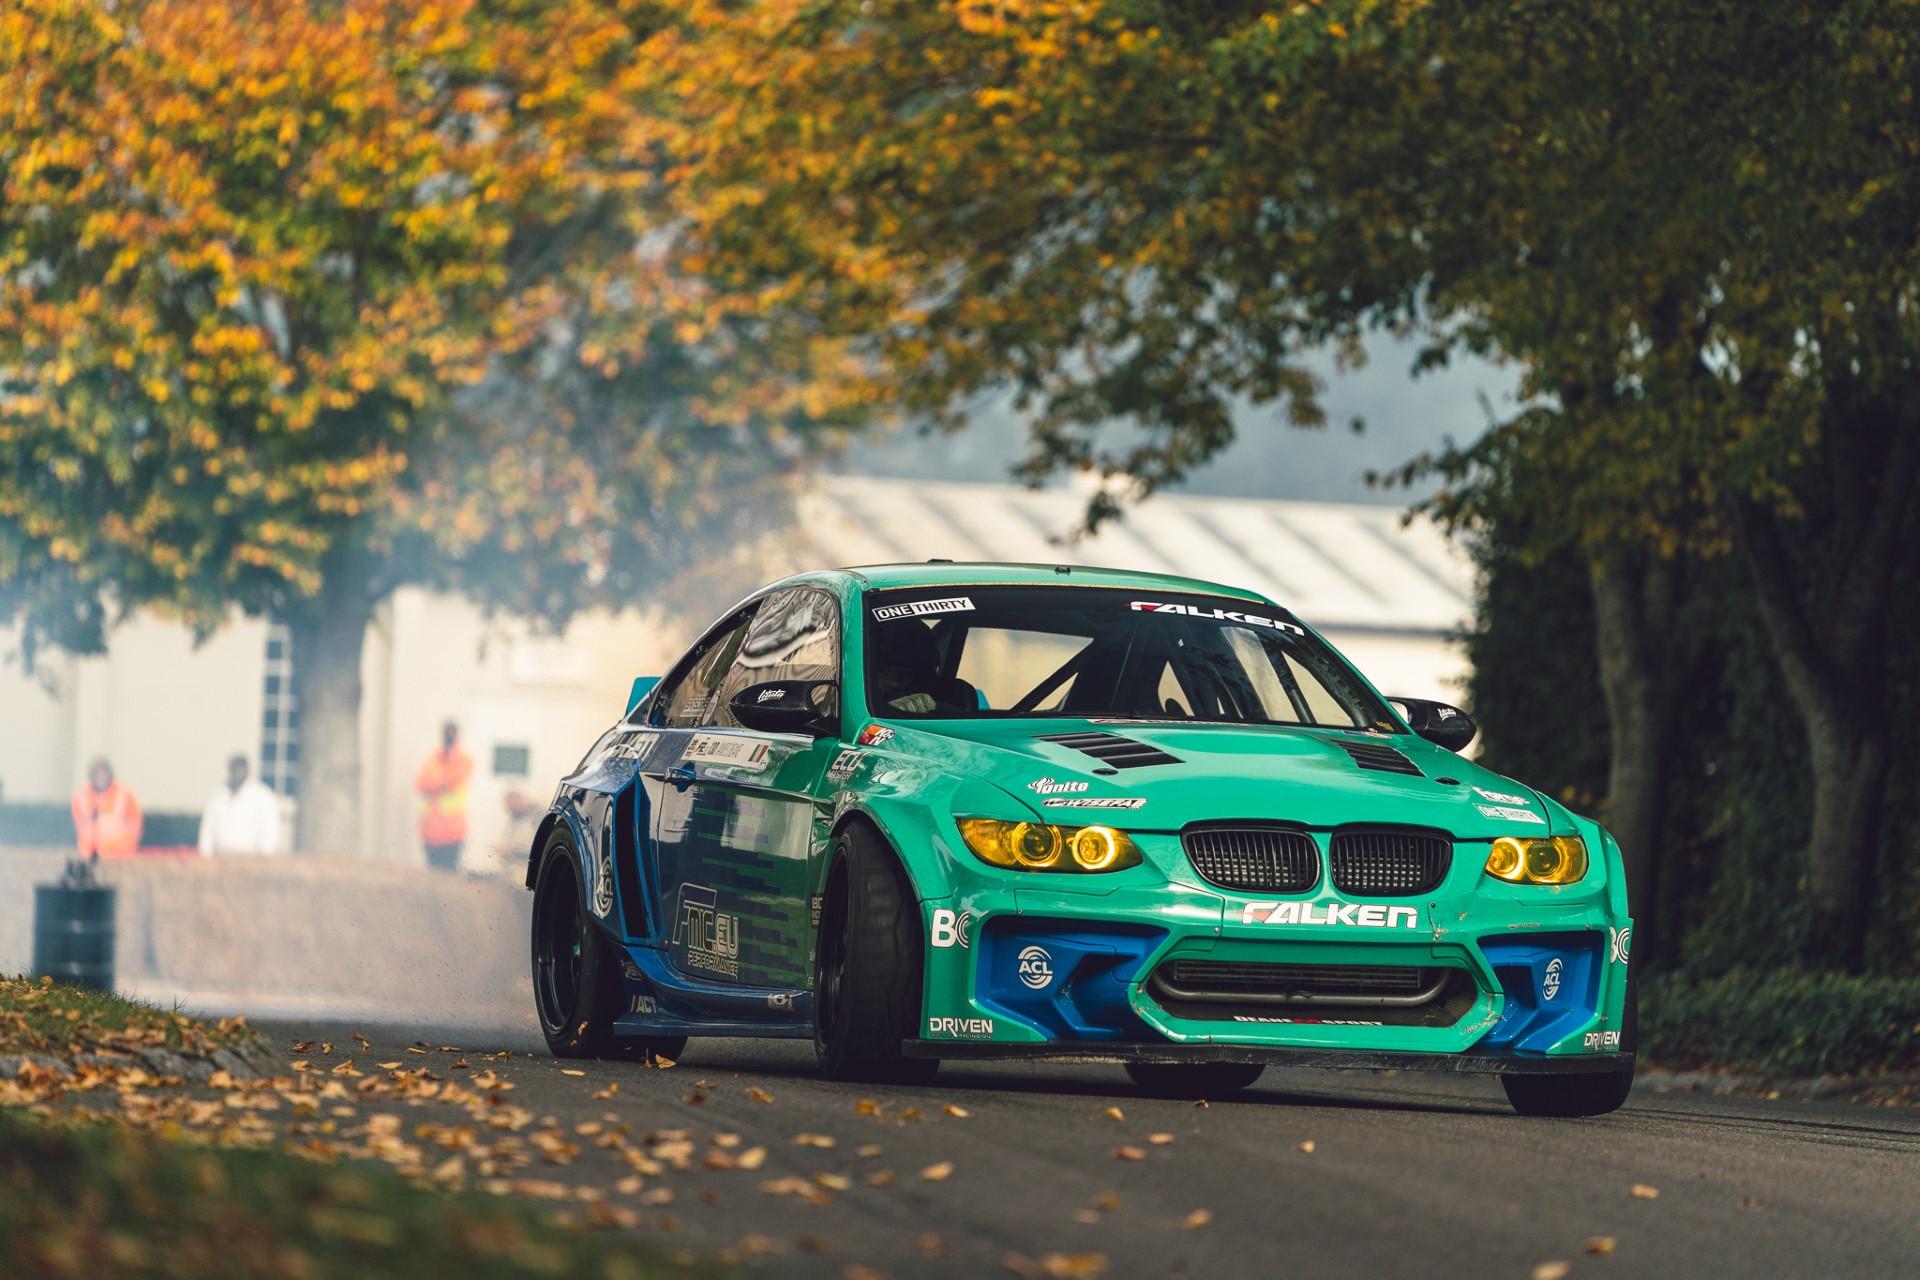 bc-racing-na-james-deane-08148